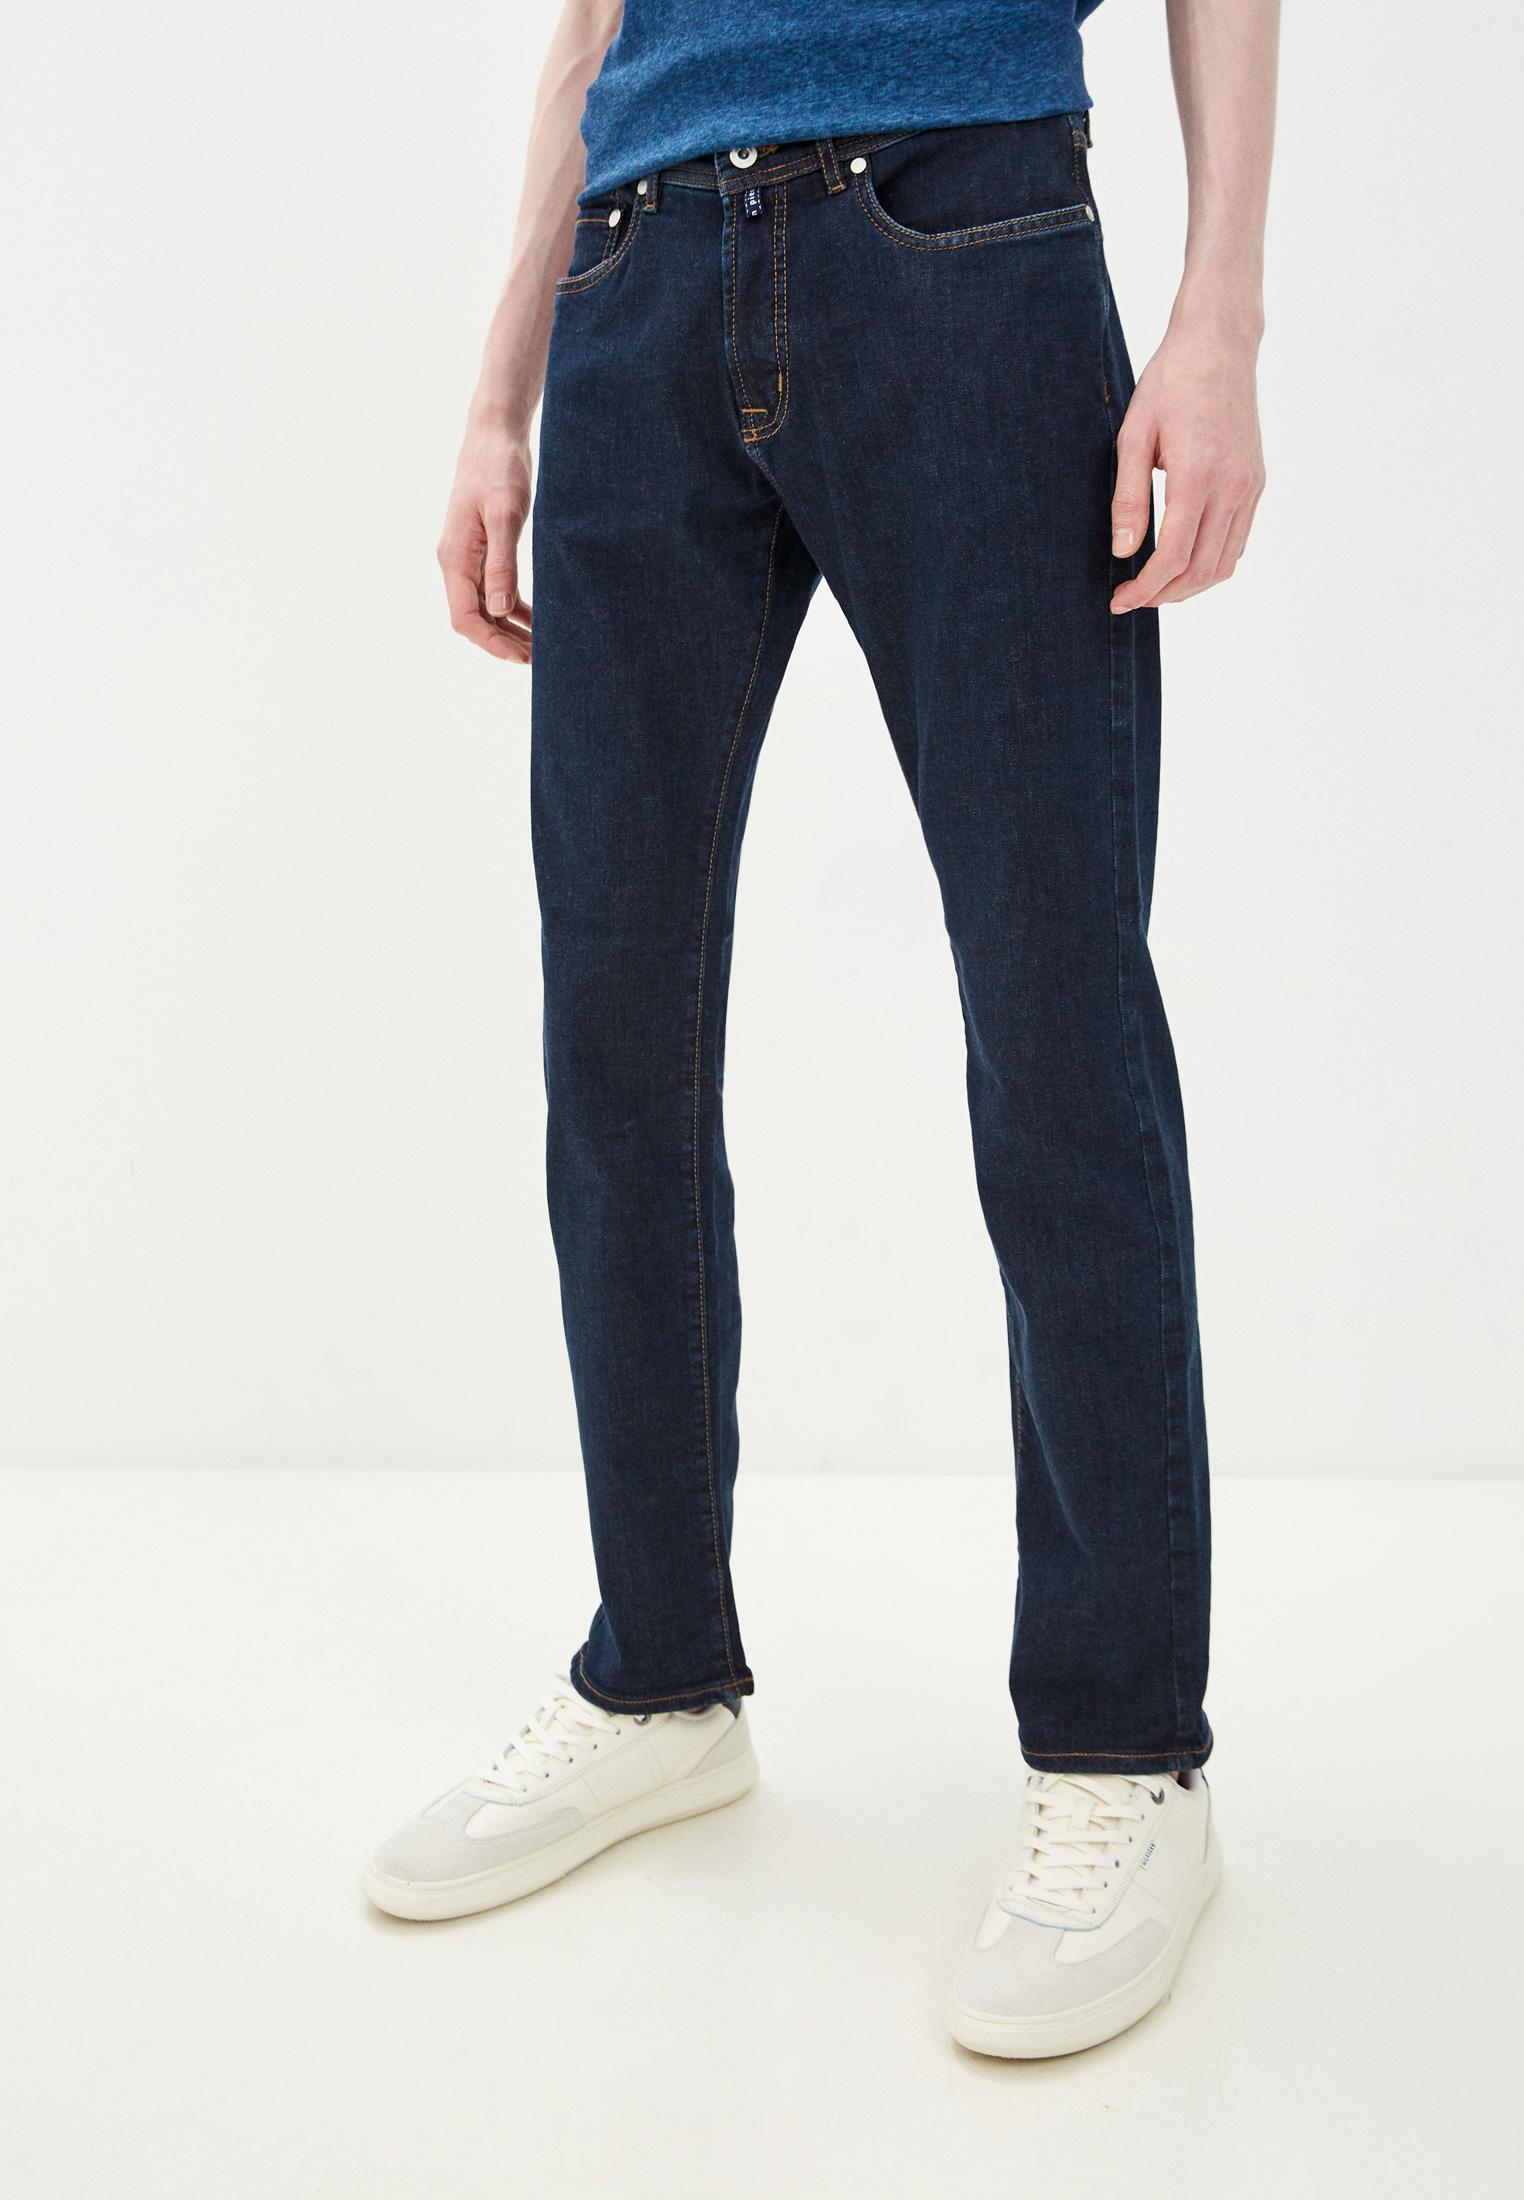 Мужские прямые джинсы Pierre Cardin (Пьер Кардин) Джинсы Pierre Cardin